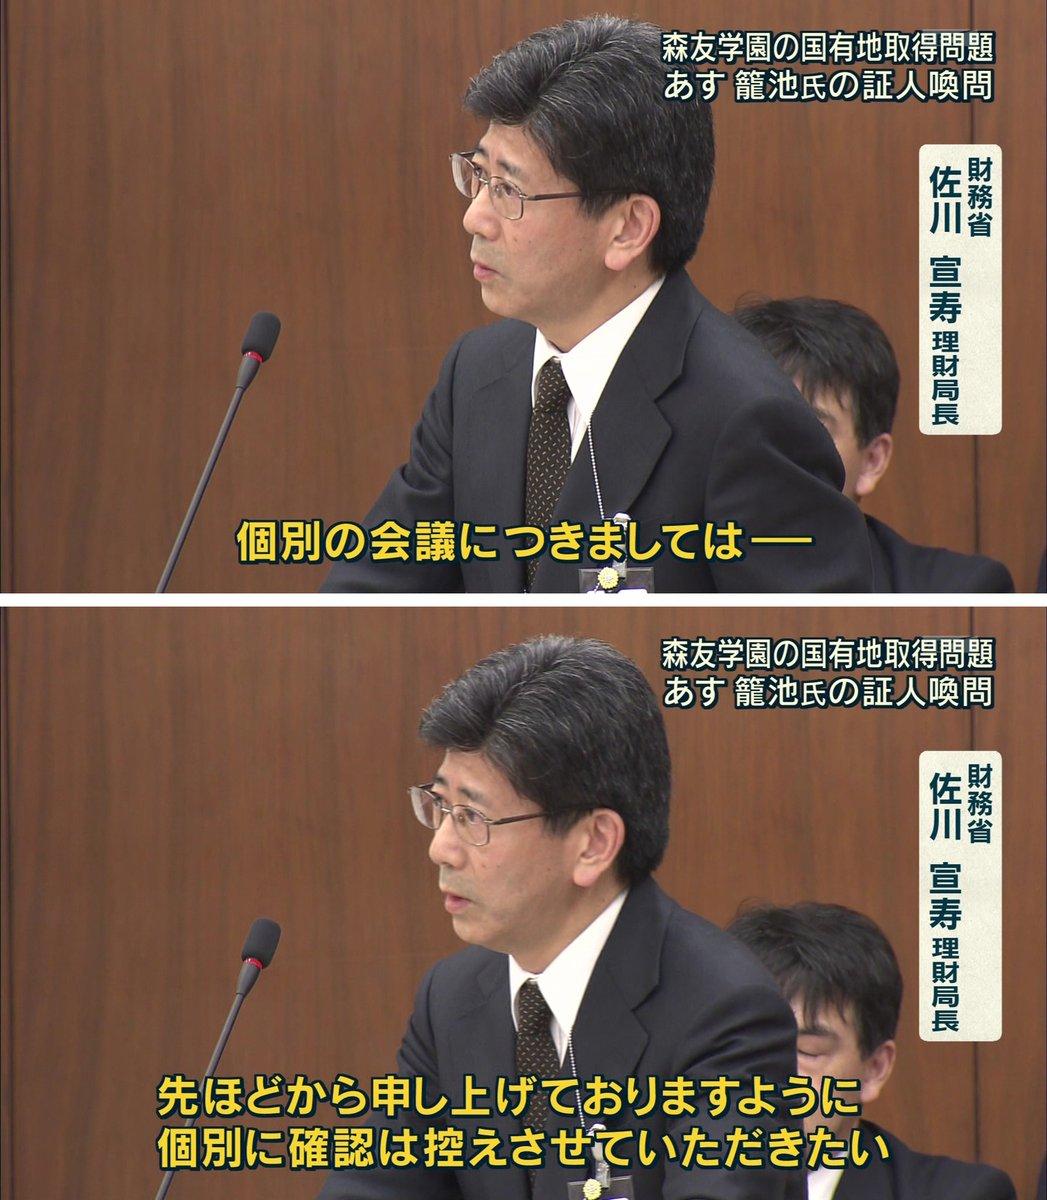 【森友疑惑】佐川理財局長の答弁が異常「確認することを控えさせていただきたい」を連発!